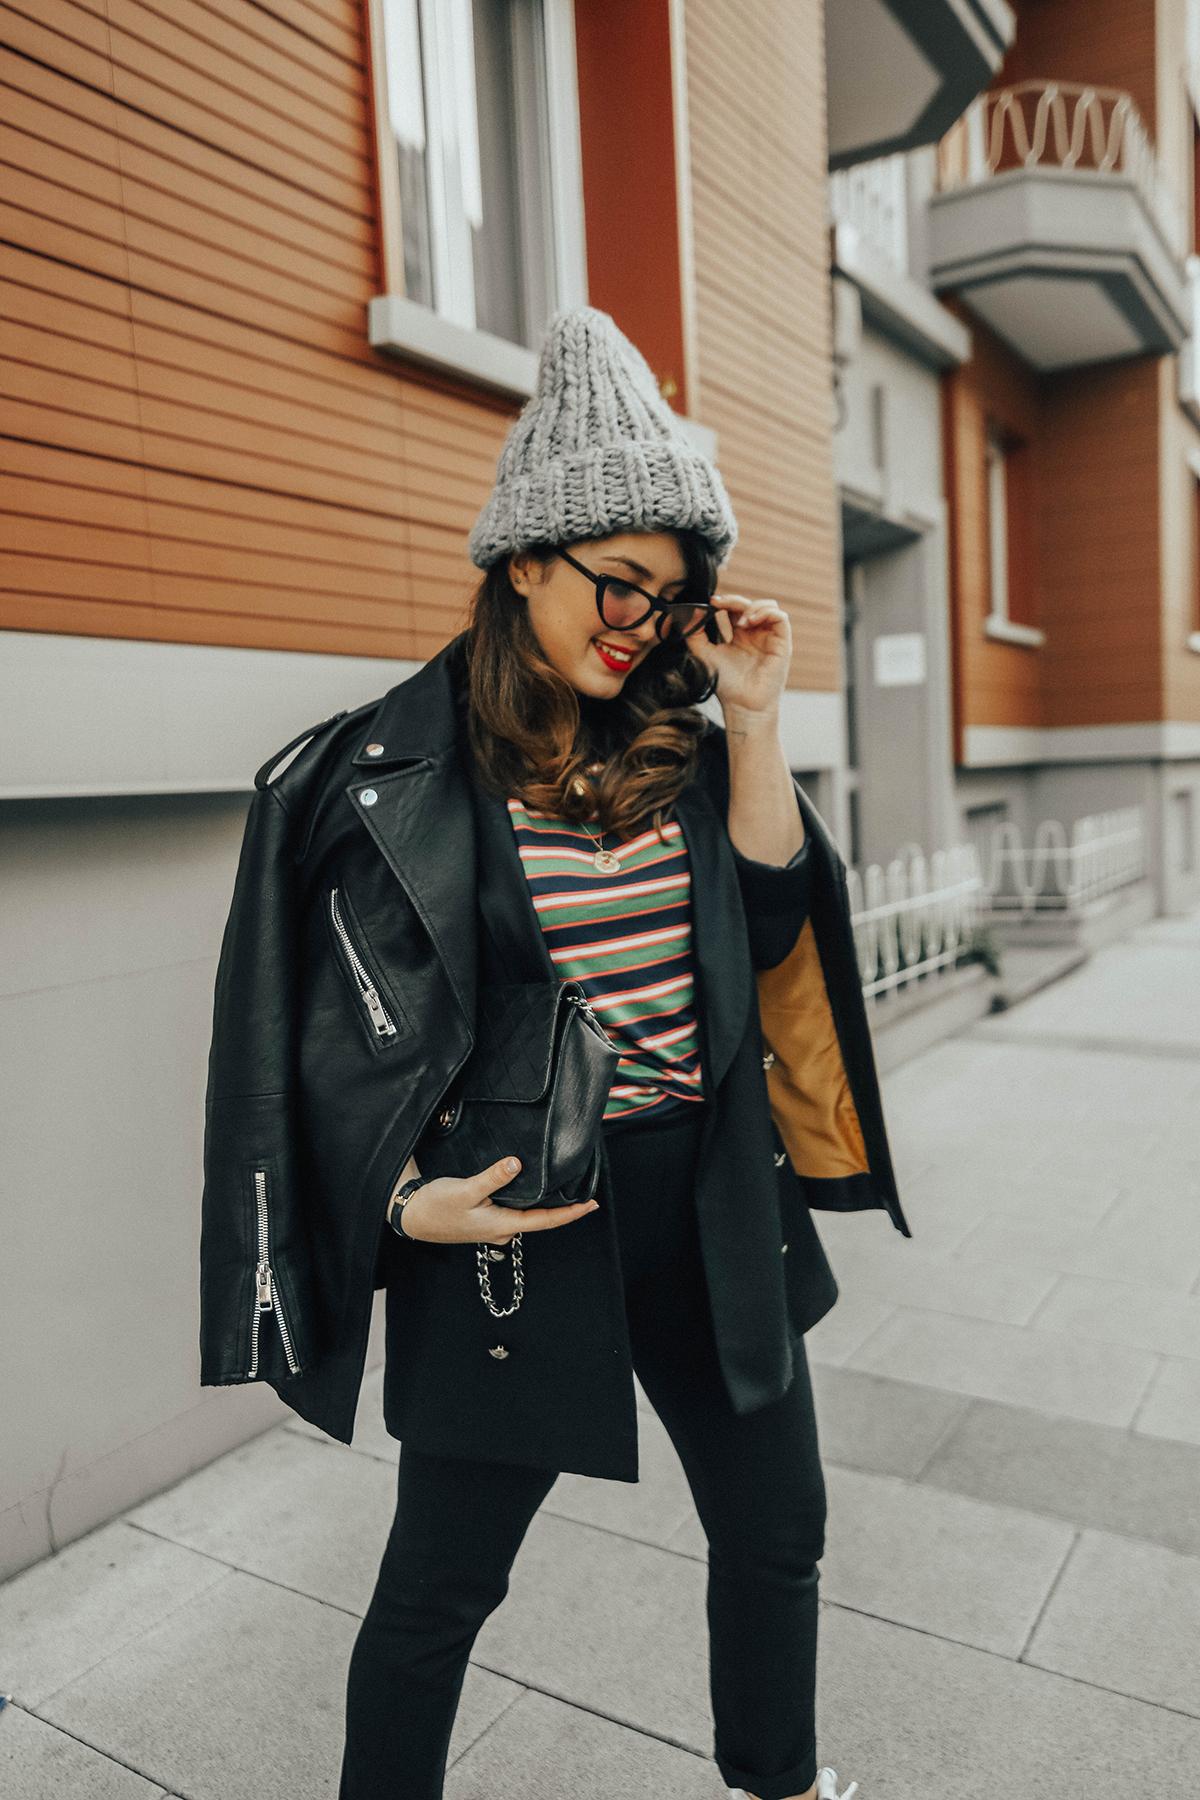 gigi-x-vogue-eyewear-cat-eye-sunglasses-streetstyle-myblueberrynightsblog15